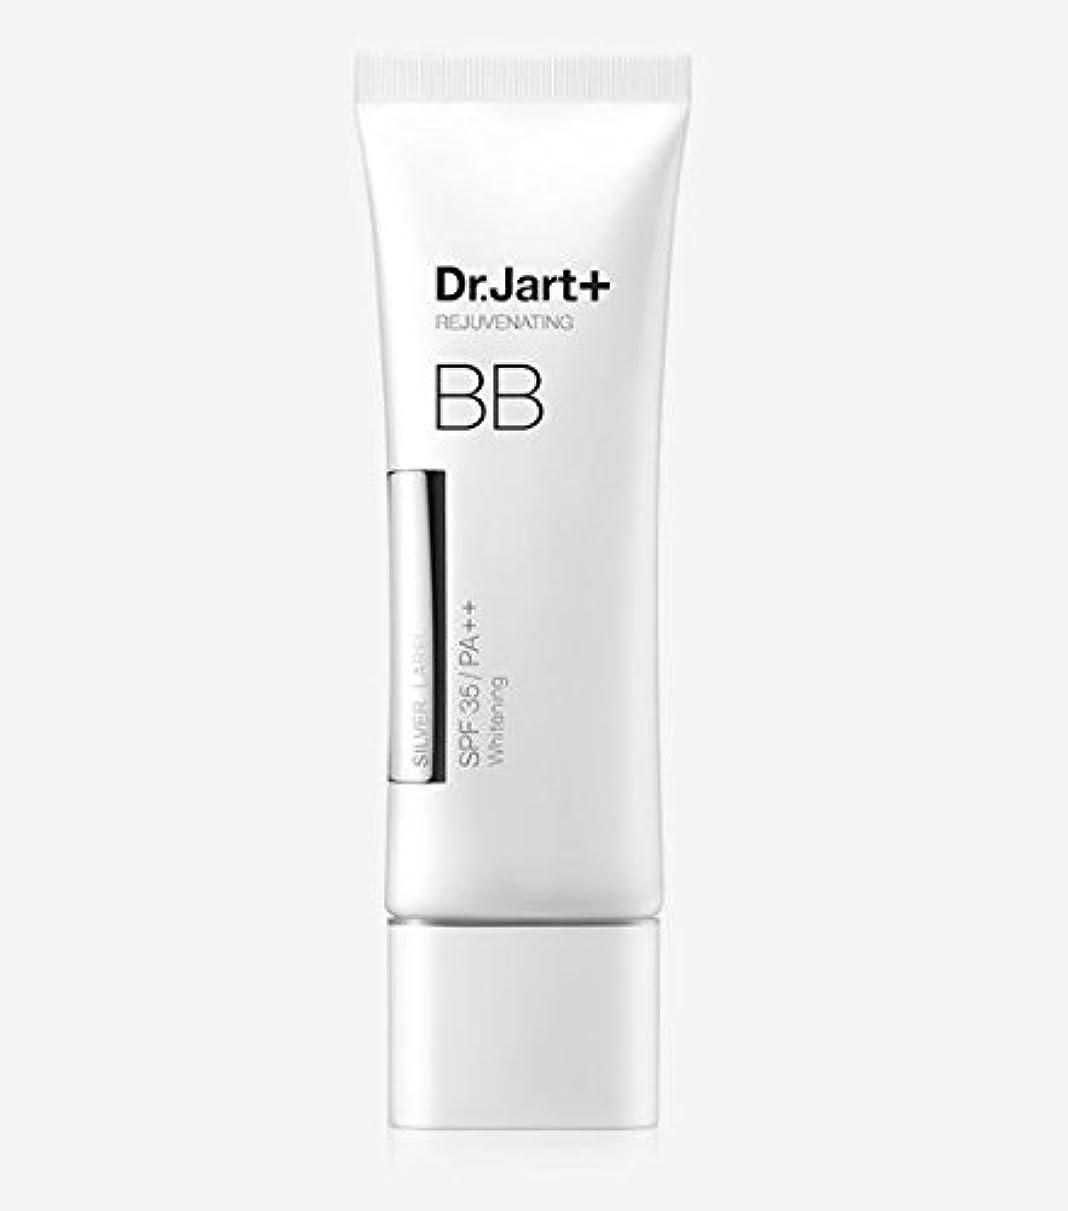 意気込み小石生き物[Dr. Jart] Silver Label BB Rejuvenating Beauty Balm 50ml SPF35 PA++/[ドクタージャルト] シルバーラベル BB リジュビネイティング ビューティー バーム 50ml SPF35 PA++ [並行輸入品]